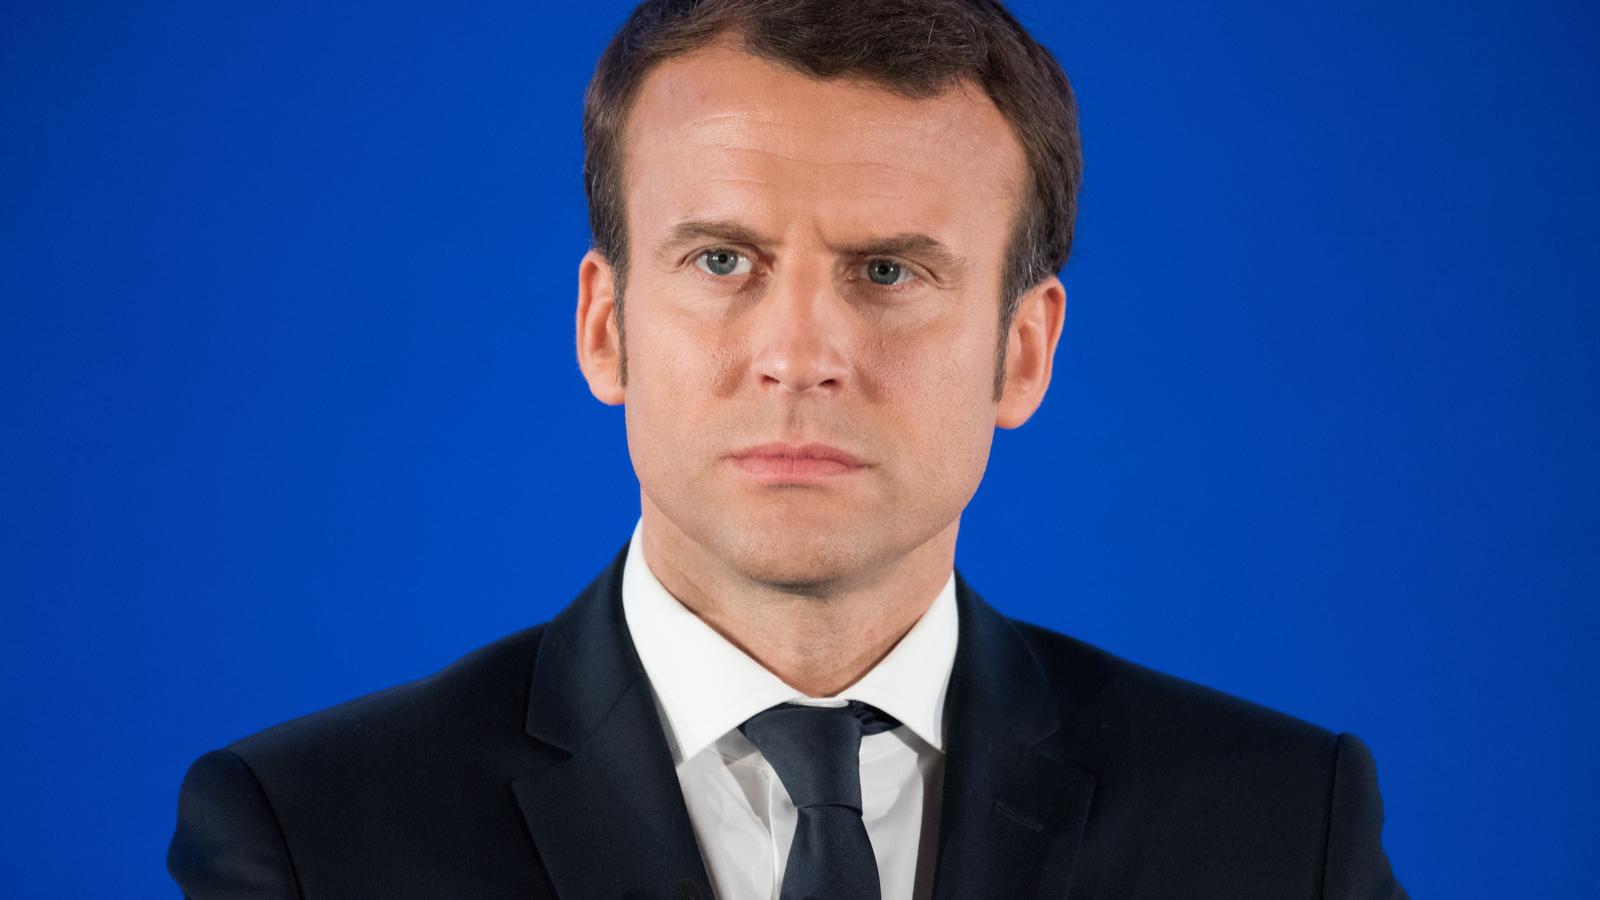 """Porn : Macron veut """"un contrôle parental"""" activé """"par défaut"""" chez tous les fournisseurs d'accès"""